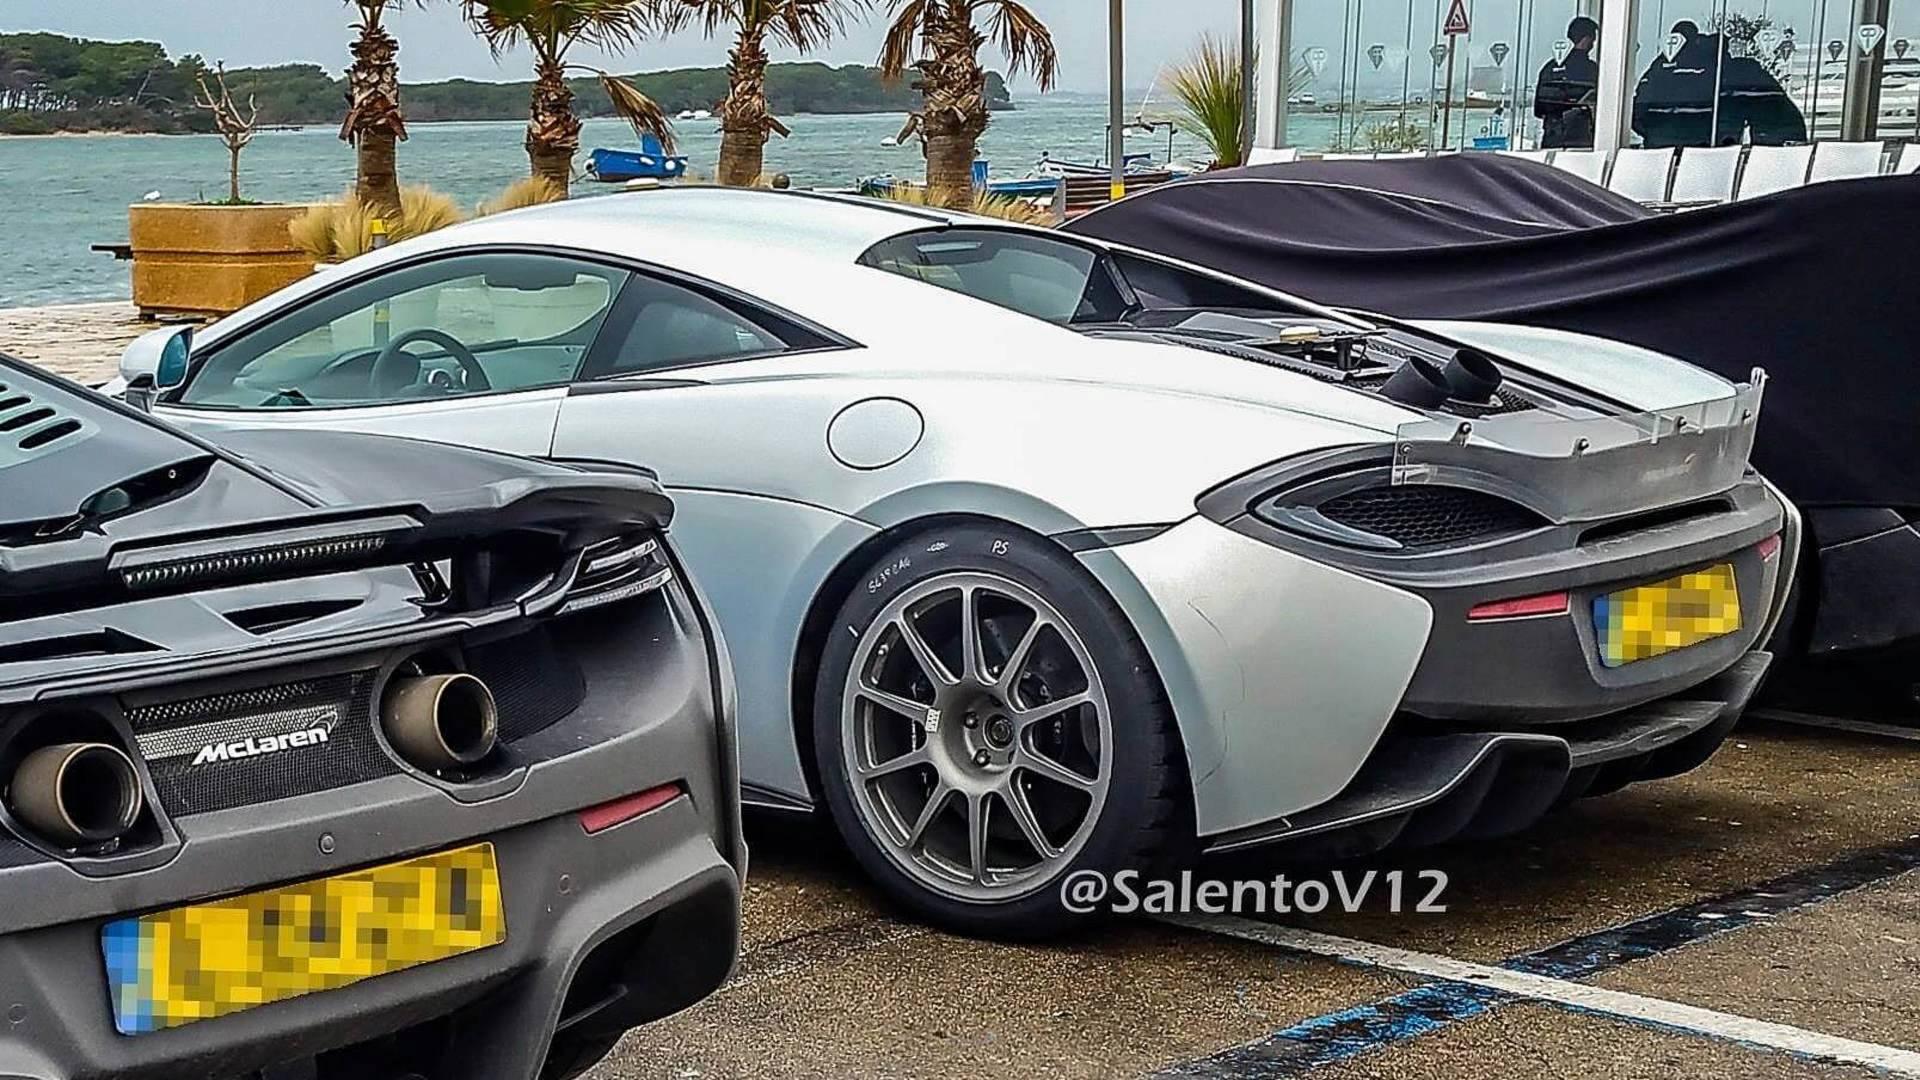 2015 - [McLaren] 570s [P13] - Page 6 Possible-mclaren-600-lt-spy-photo